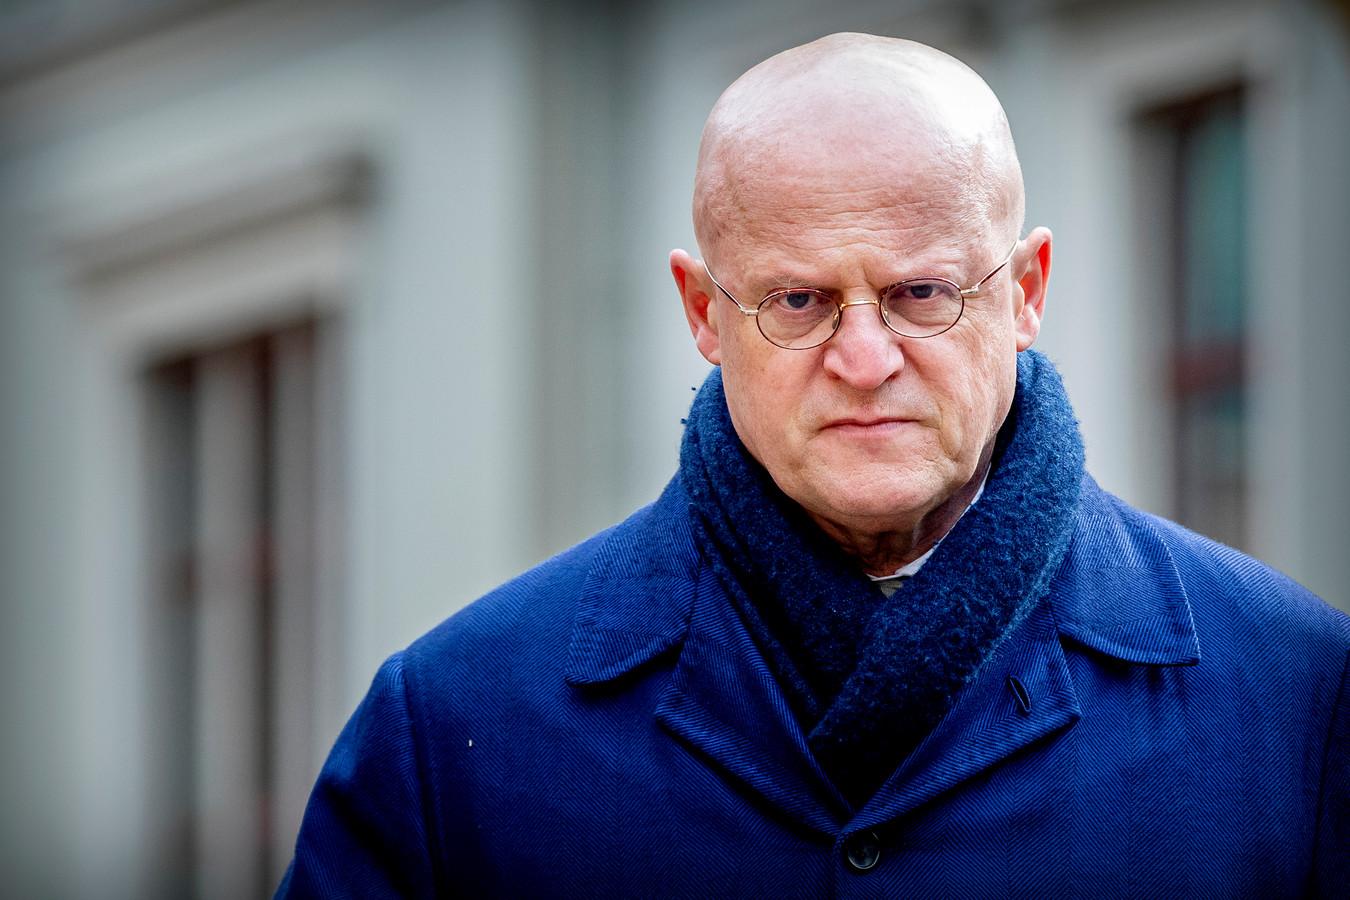 DEN HAAG - Minister Ferd Grapperhaus van Justitie en Veiligheid komt aan op het Binnenhof voor de wekelijkse ministerraad.